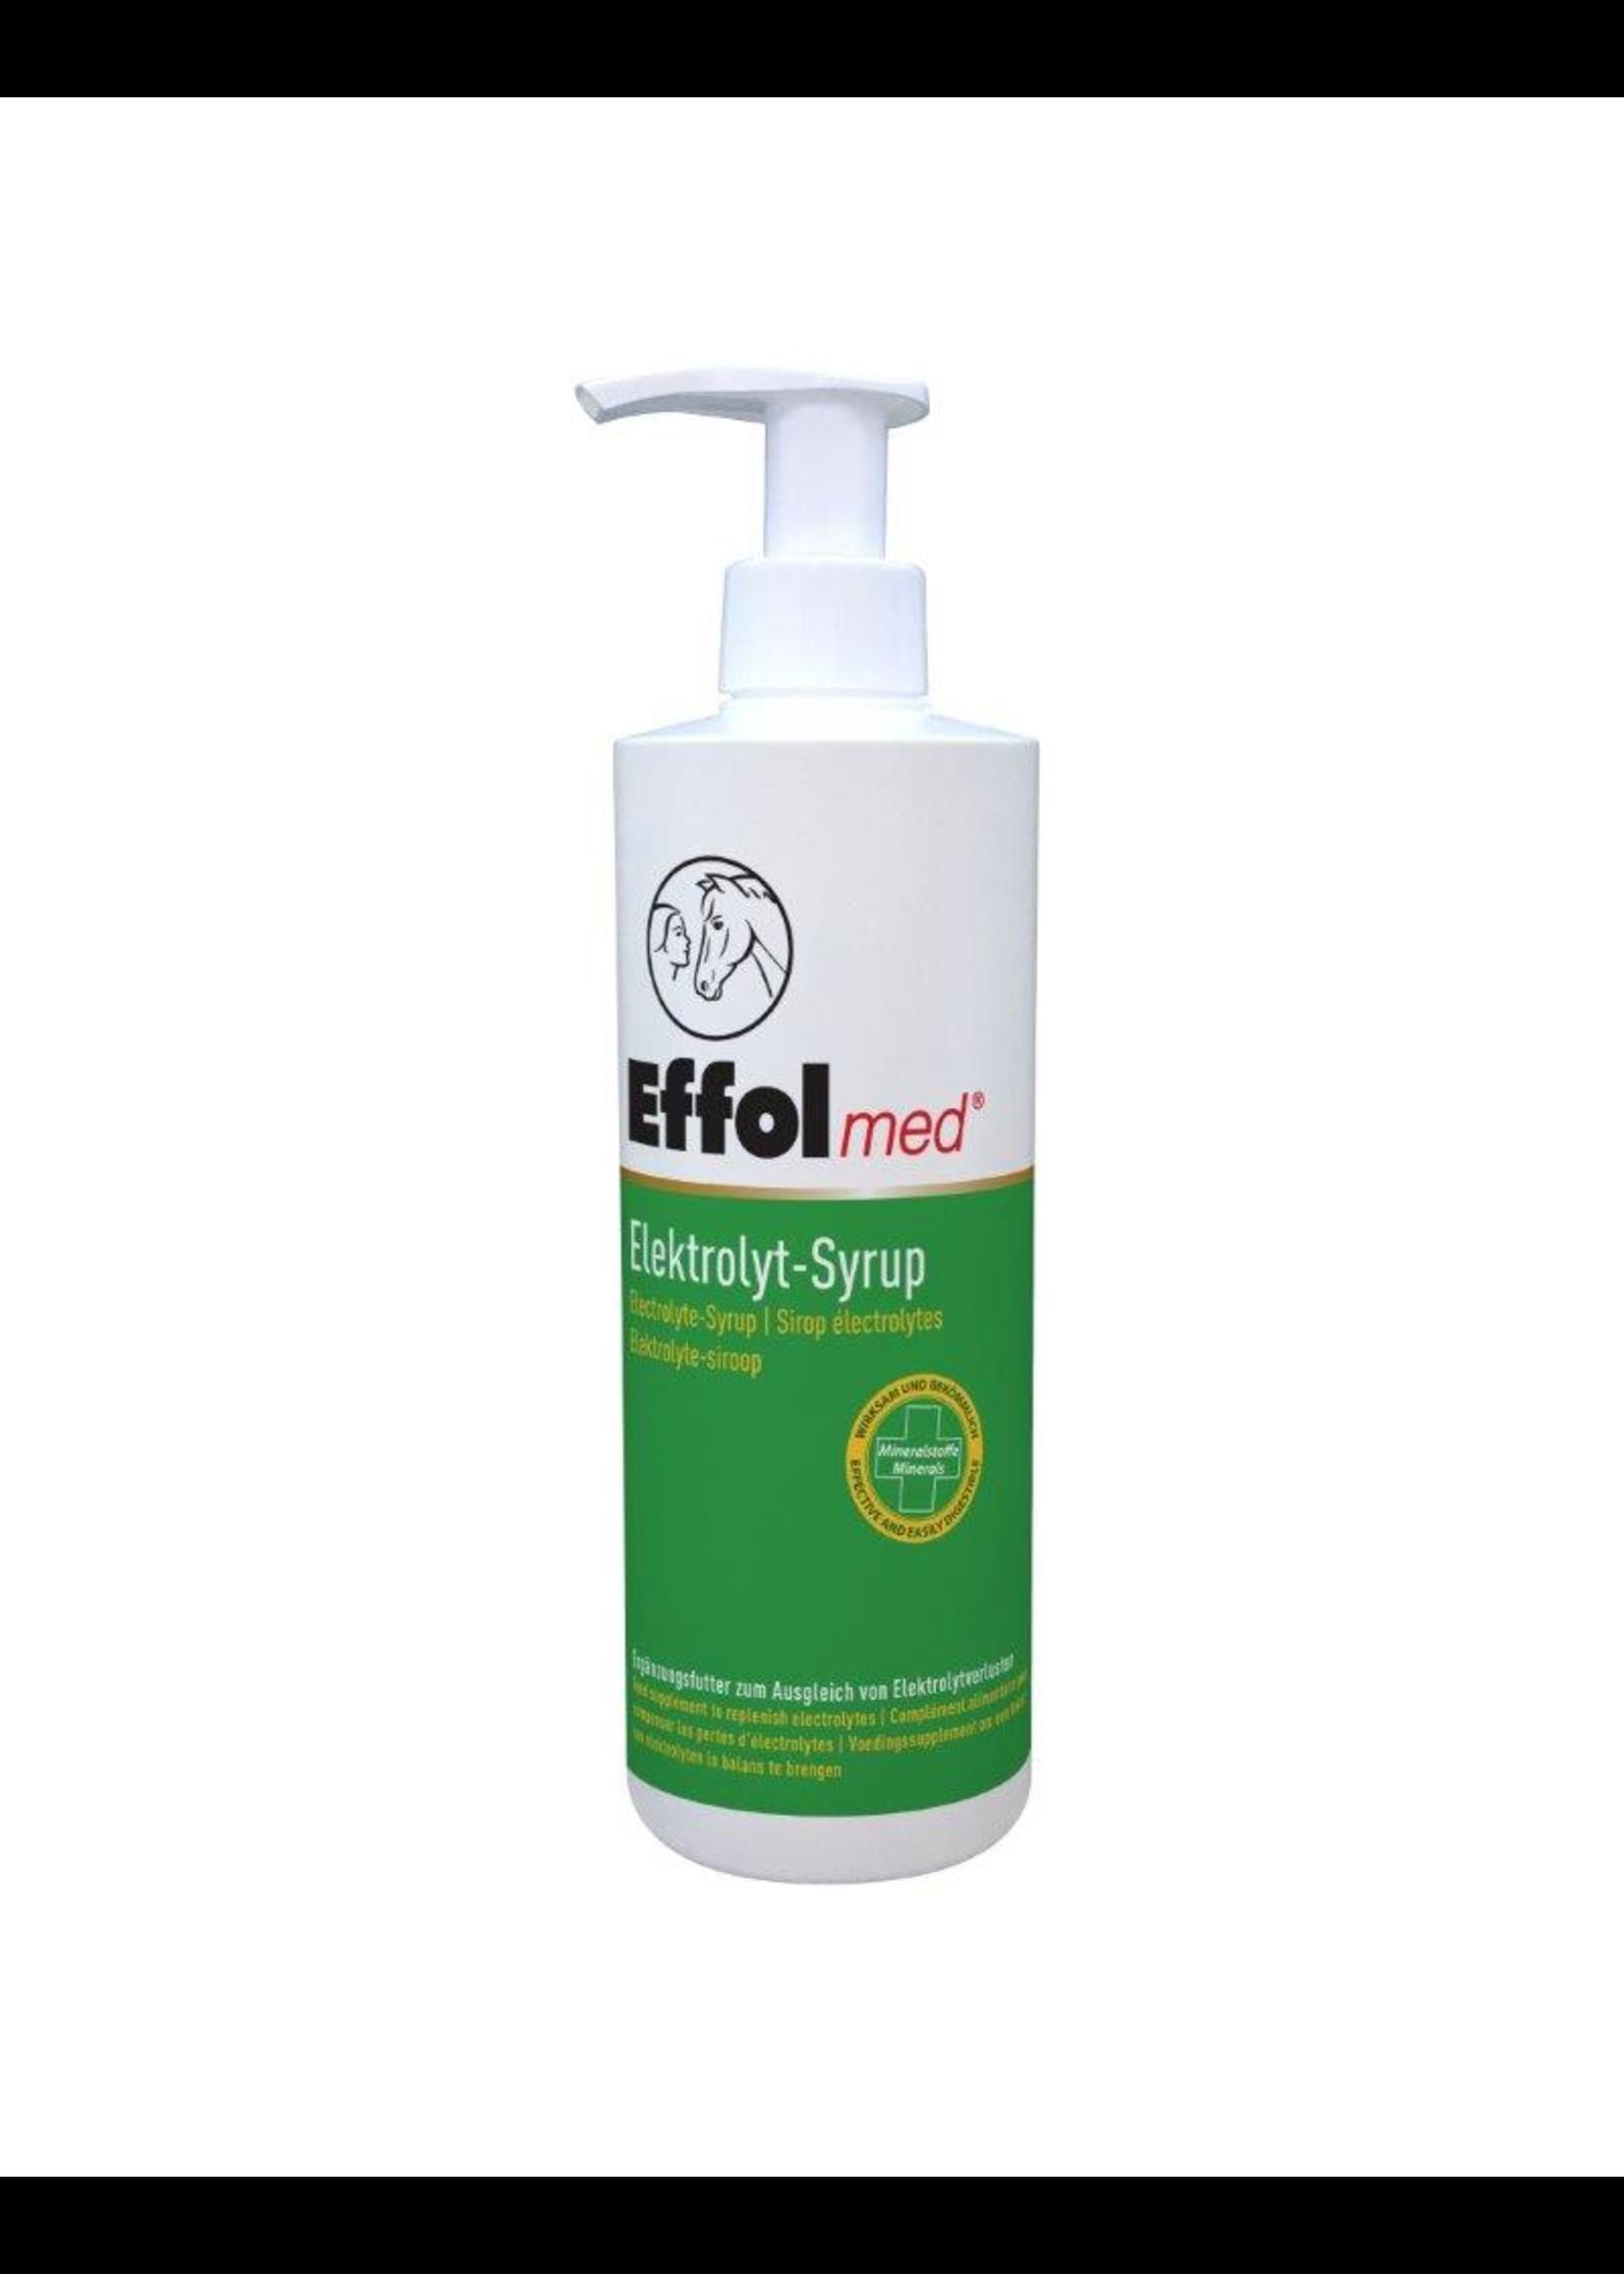 Effolmed Effolmed Elektrolyt-syrup 500ml